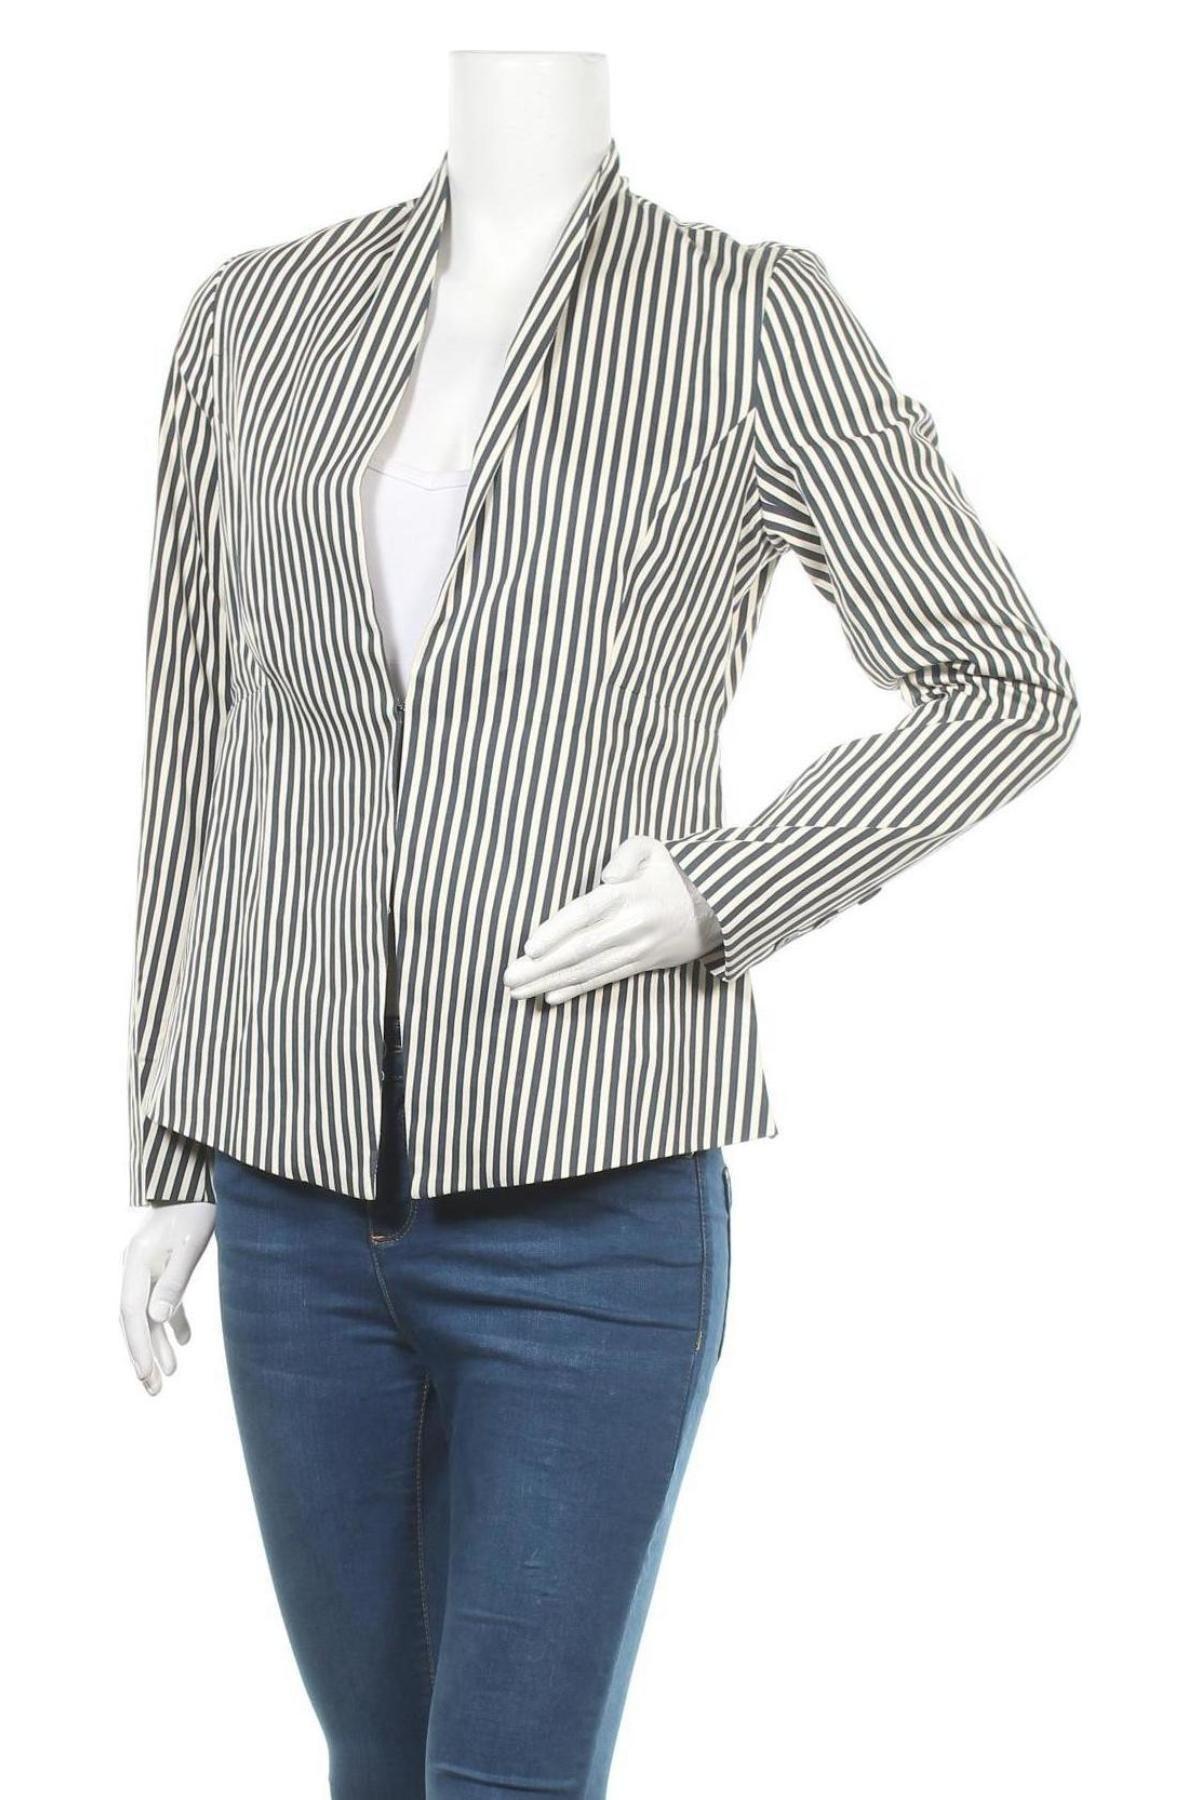 Γυναικείο σακάκι Myrine, Μέγεθος S, Χρώμα Λευκό, 97% βαμβάκι, 3% ελαστάνη, Τιμή 22,81€